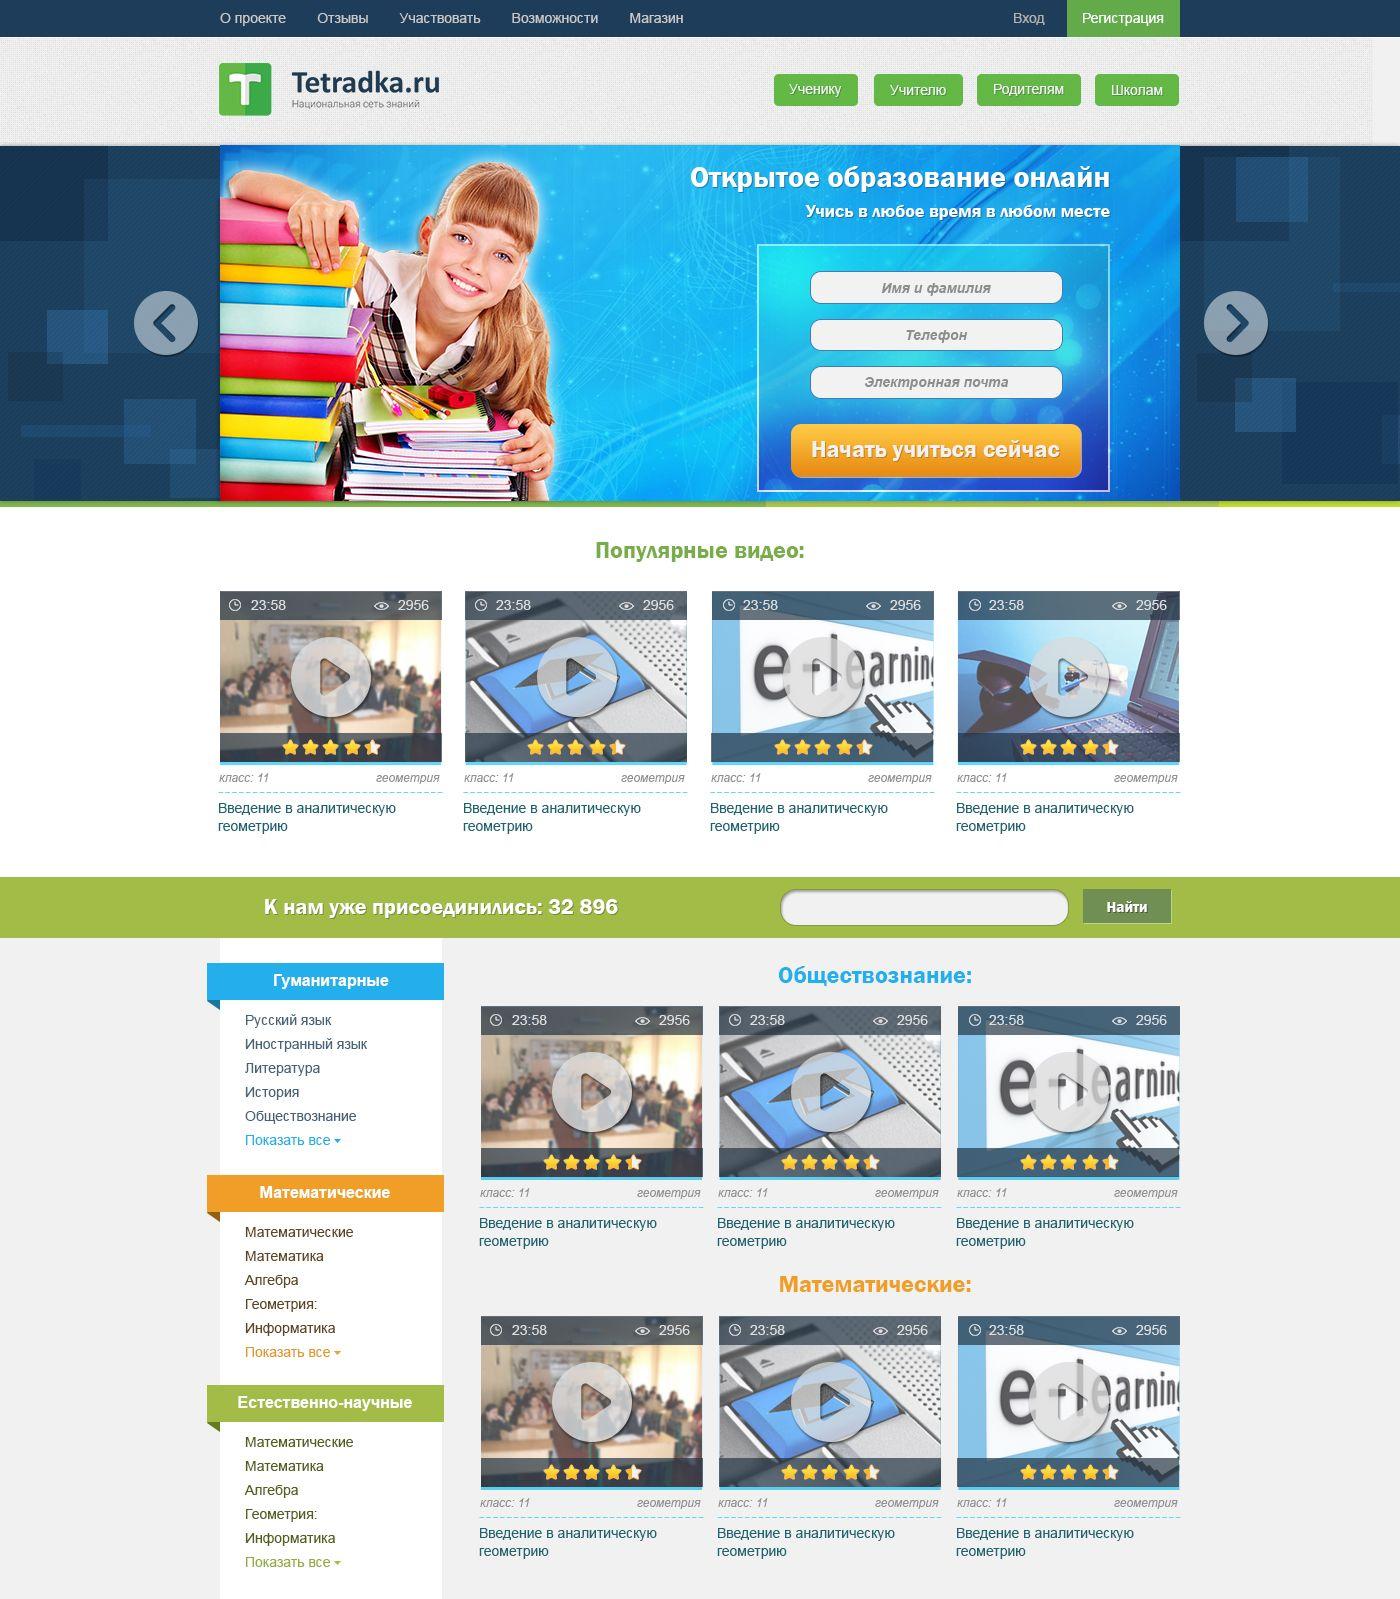 Главная страница образовательной сети tetradka.ru - дизайнер Volkova86